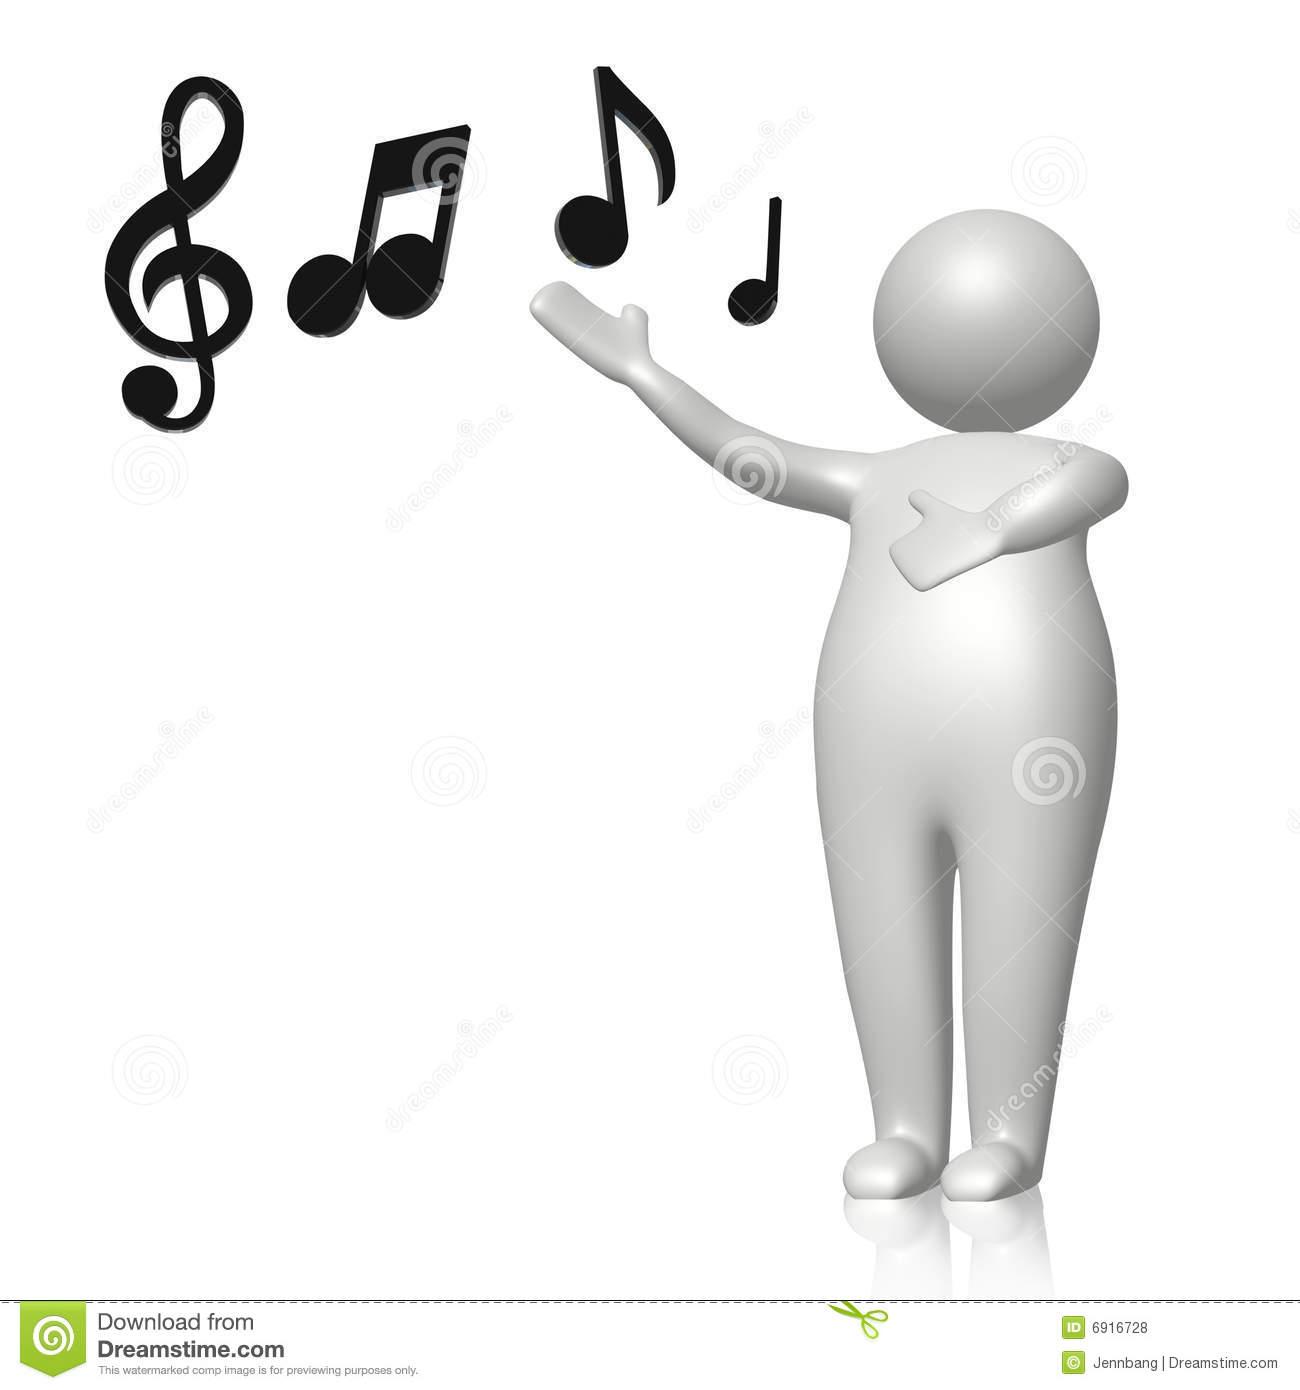 Sing & Learn: Il congiuntivo, Baglioni